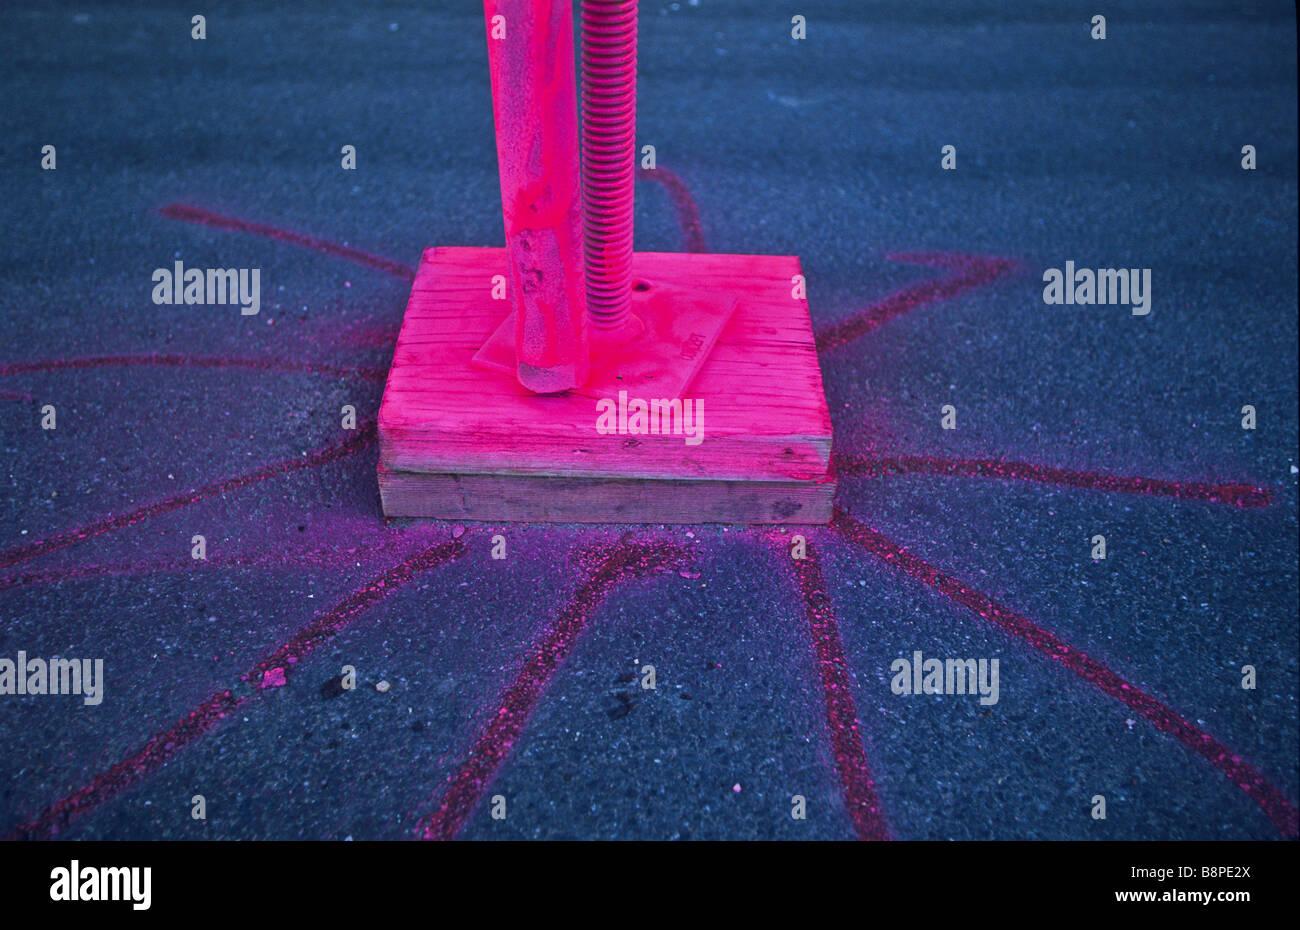 Rosa vernice fluorescente Immagini Stock